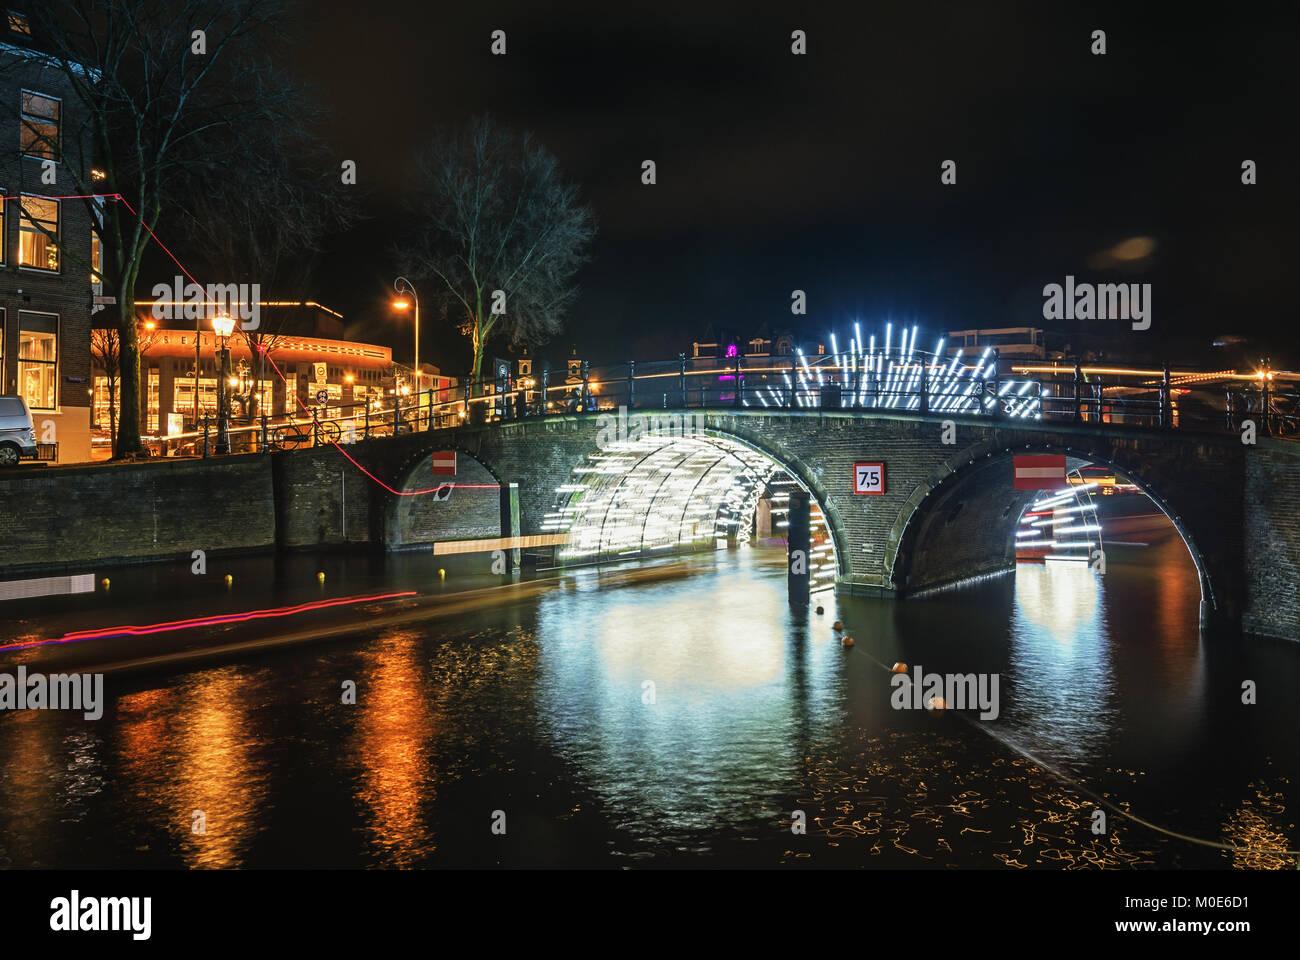 Licht Tour Amsterdam : Amsterdam niederlande dezember tunnel aus licht unter